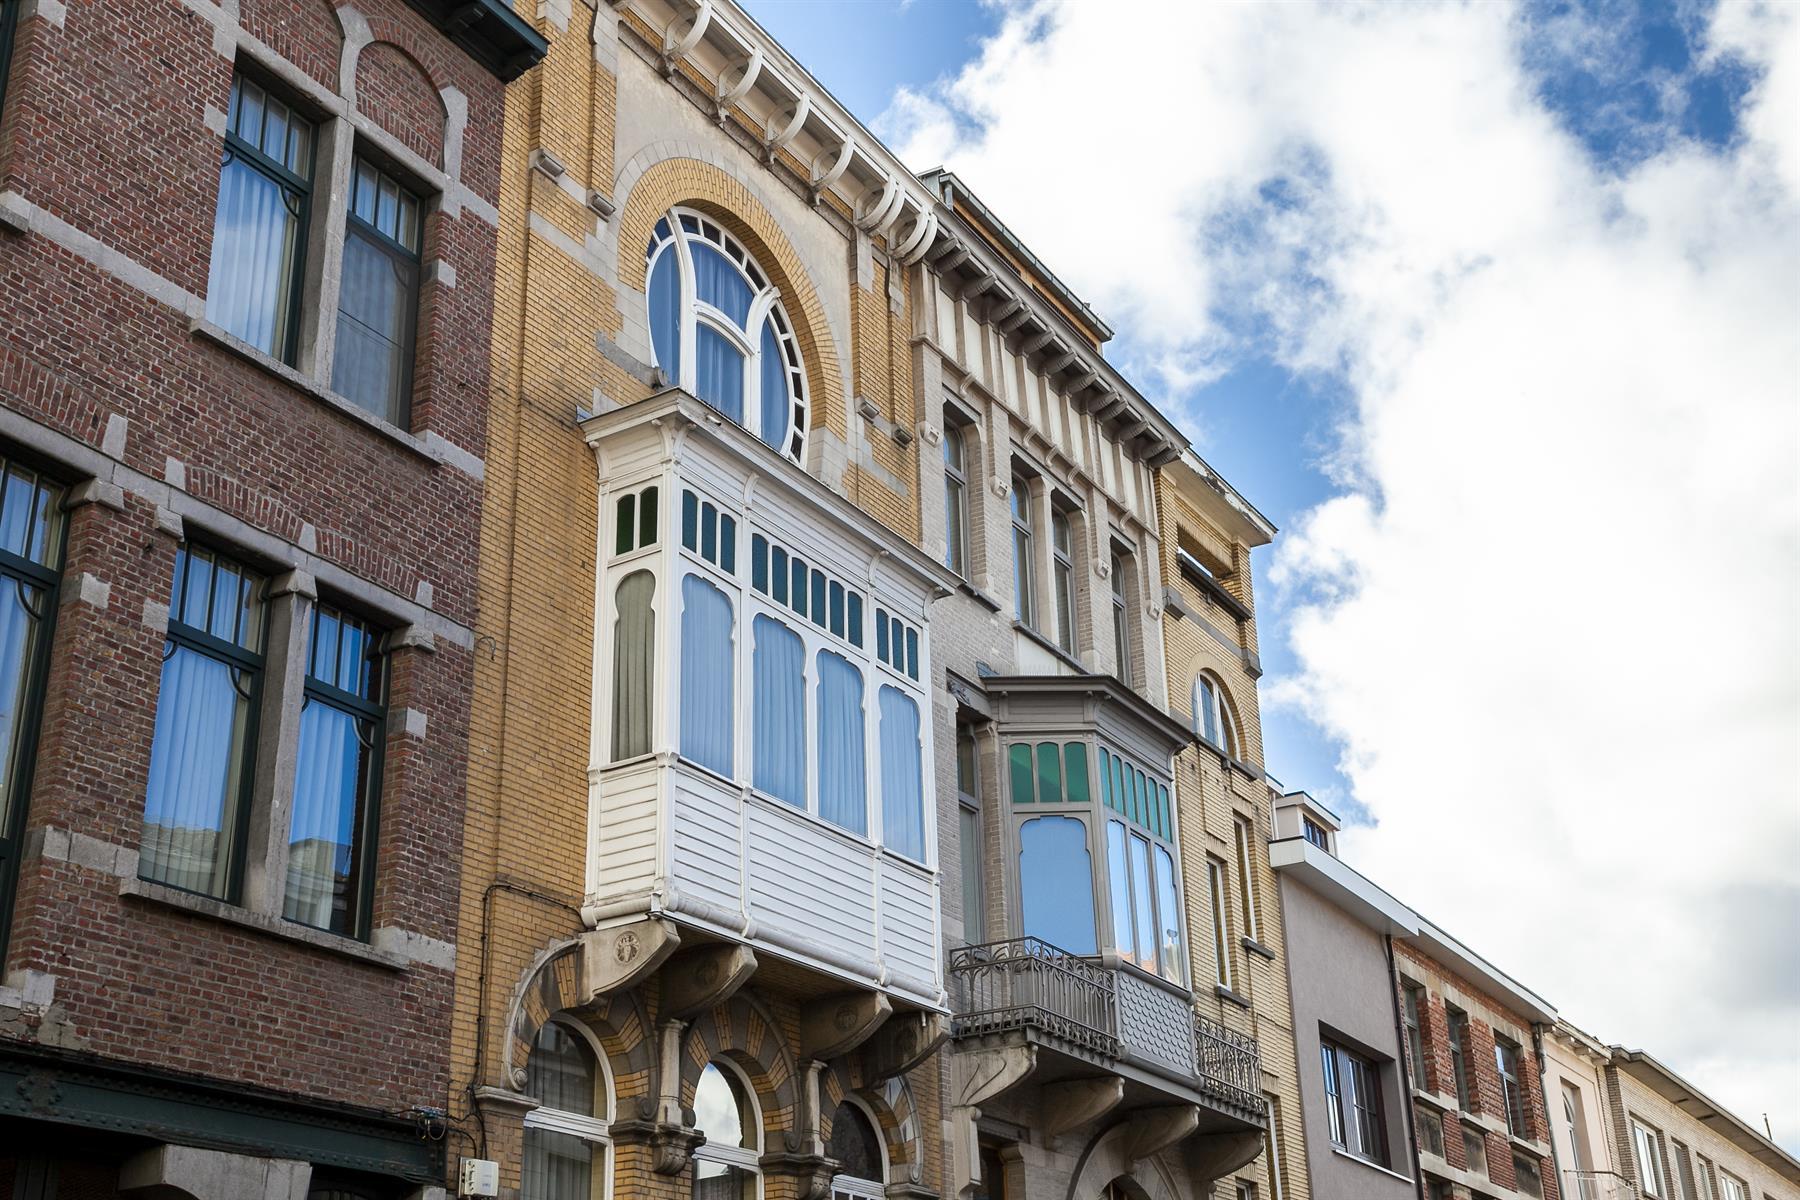 Monumentale bouwmeesterwoning in art-nouveaustijl van 1901 naar een ontwerp van Theodoor Vermeulen.